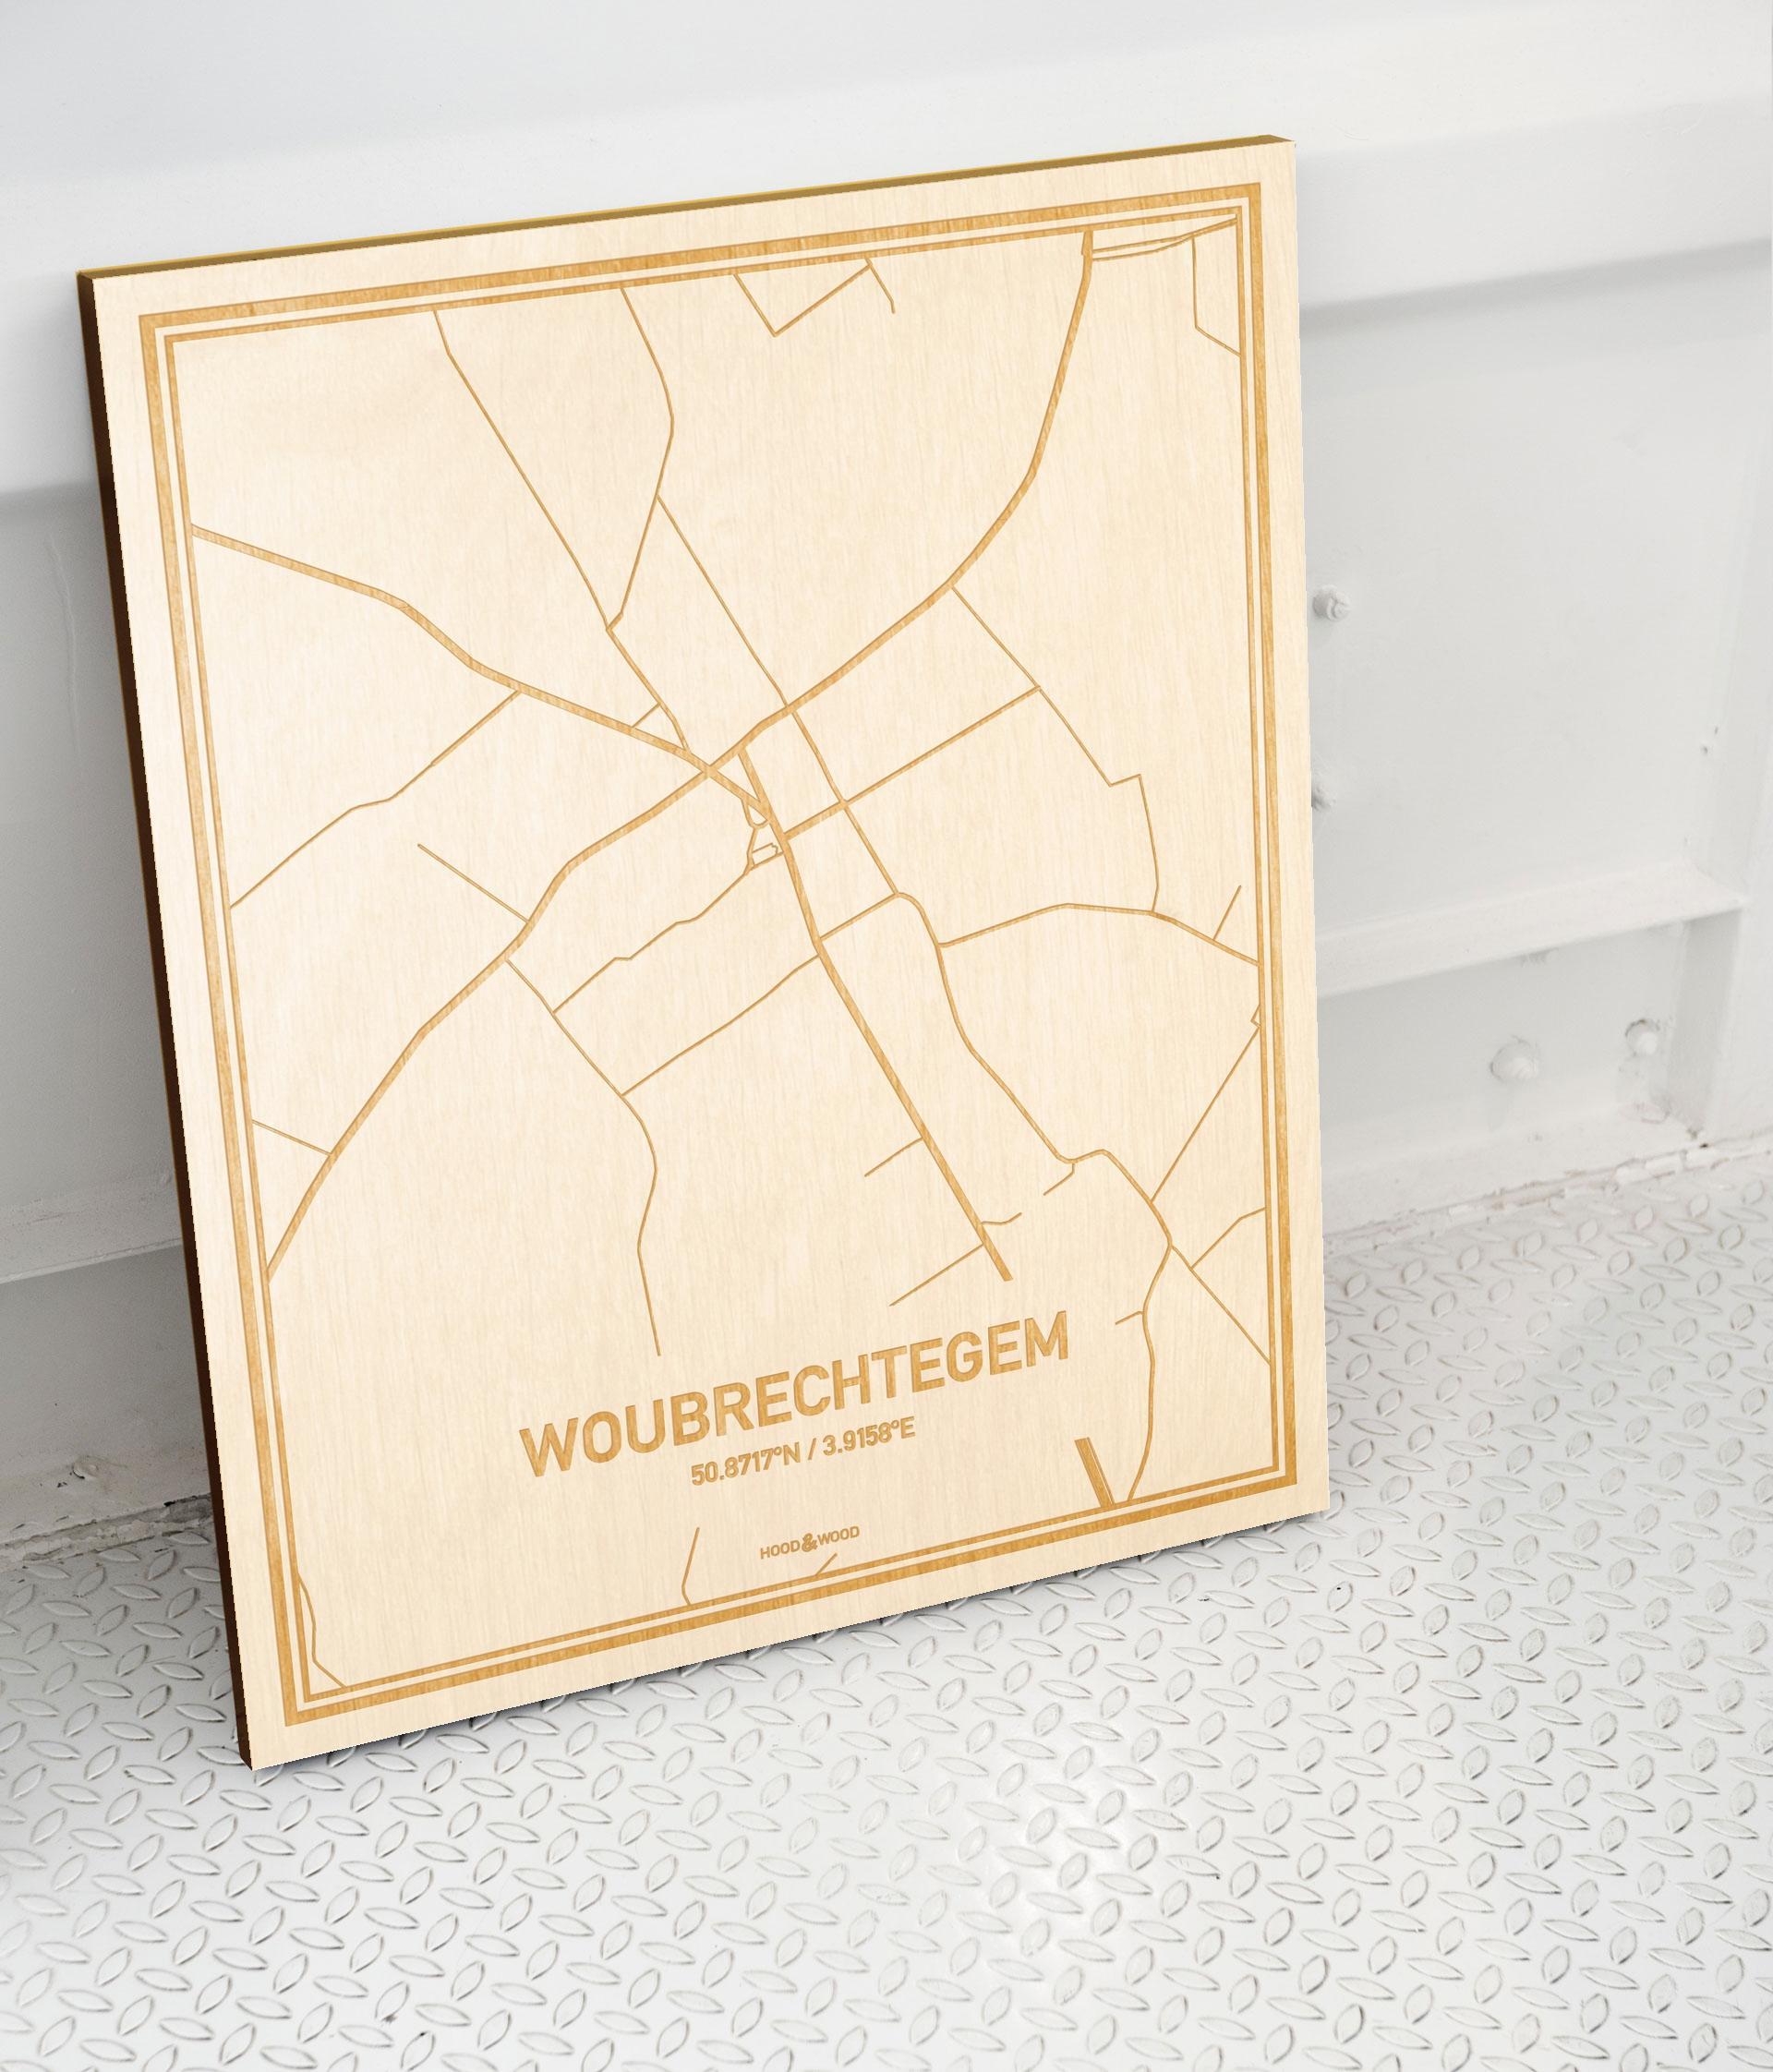 Plattegrond Woubrechtegem als prachtige houten wanddecoratie. Het warme hout contrasteert mooi met de witte muur.